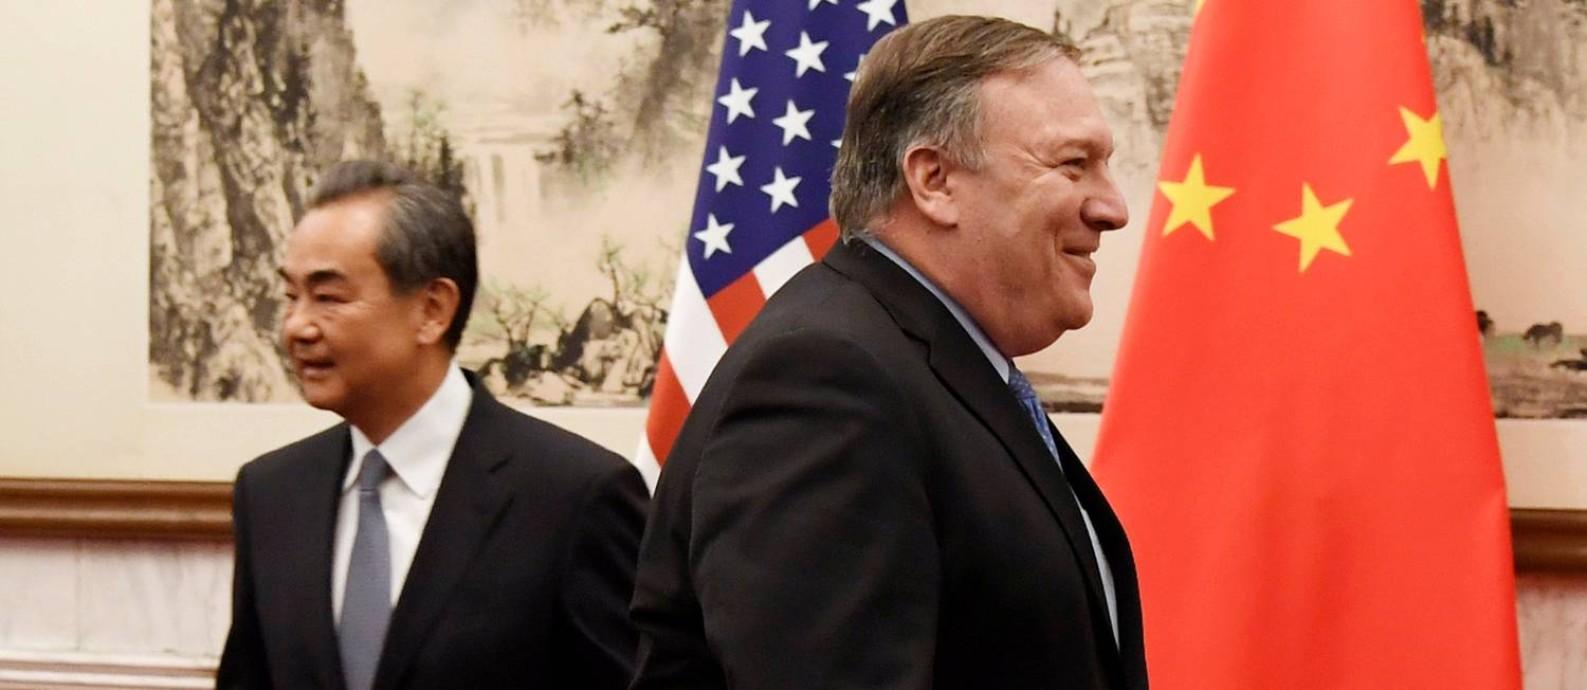 Wang e Pompeo: discórdia entre países expressa claramente em entrevista coletiva Foto: POOL / REUTERS